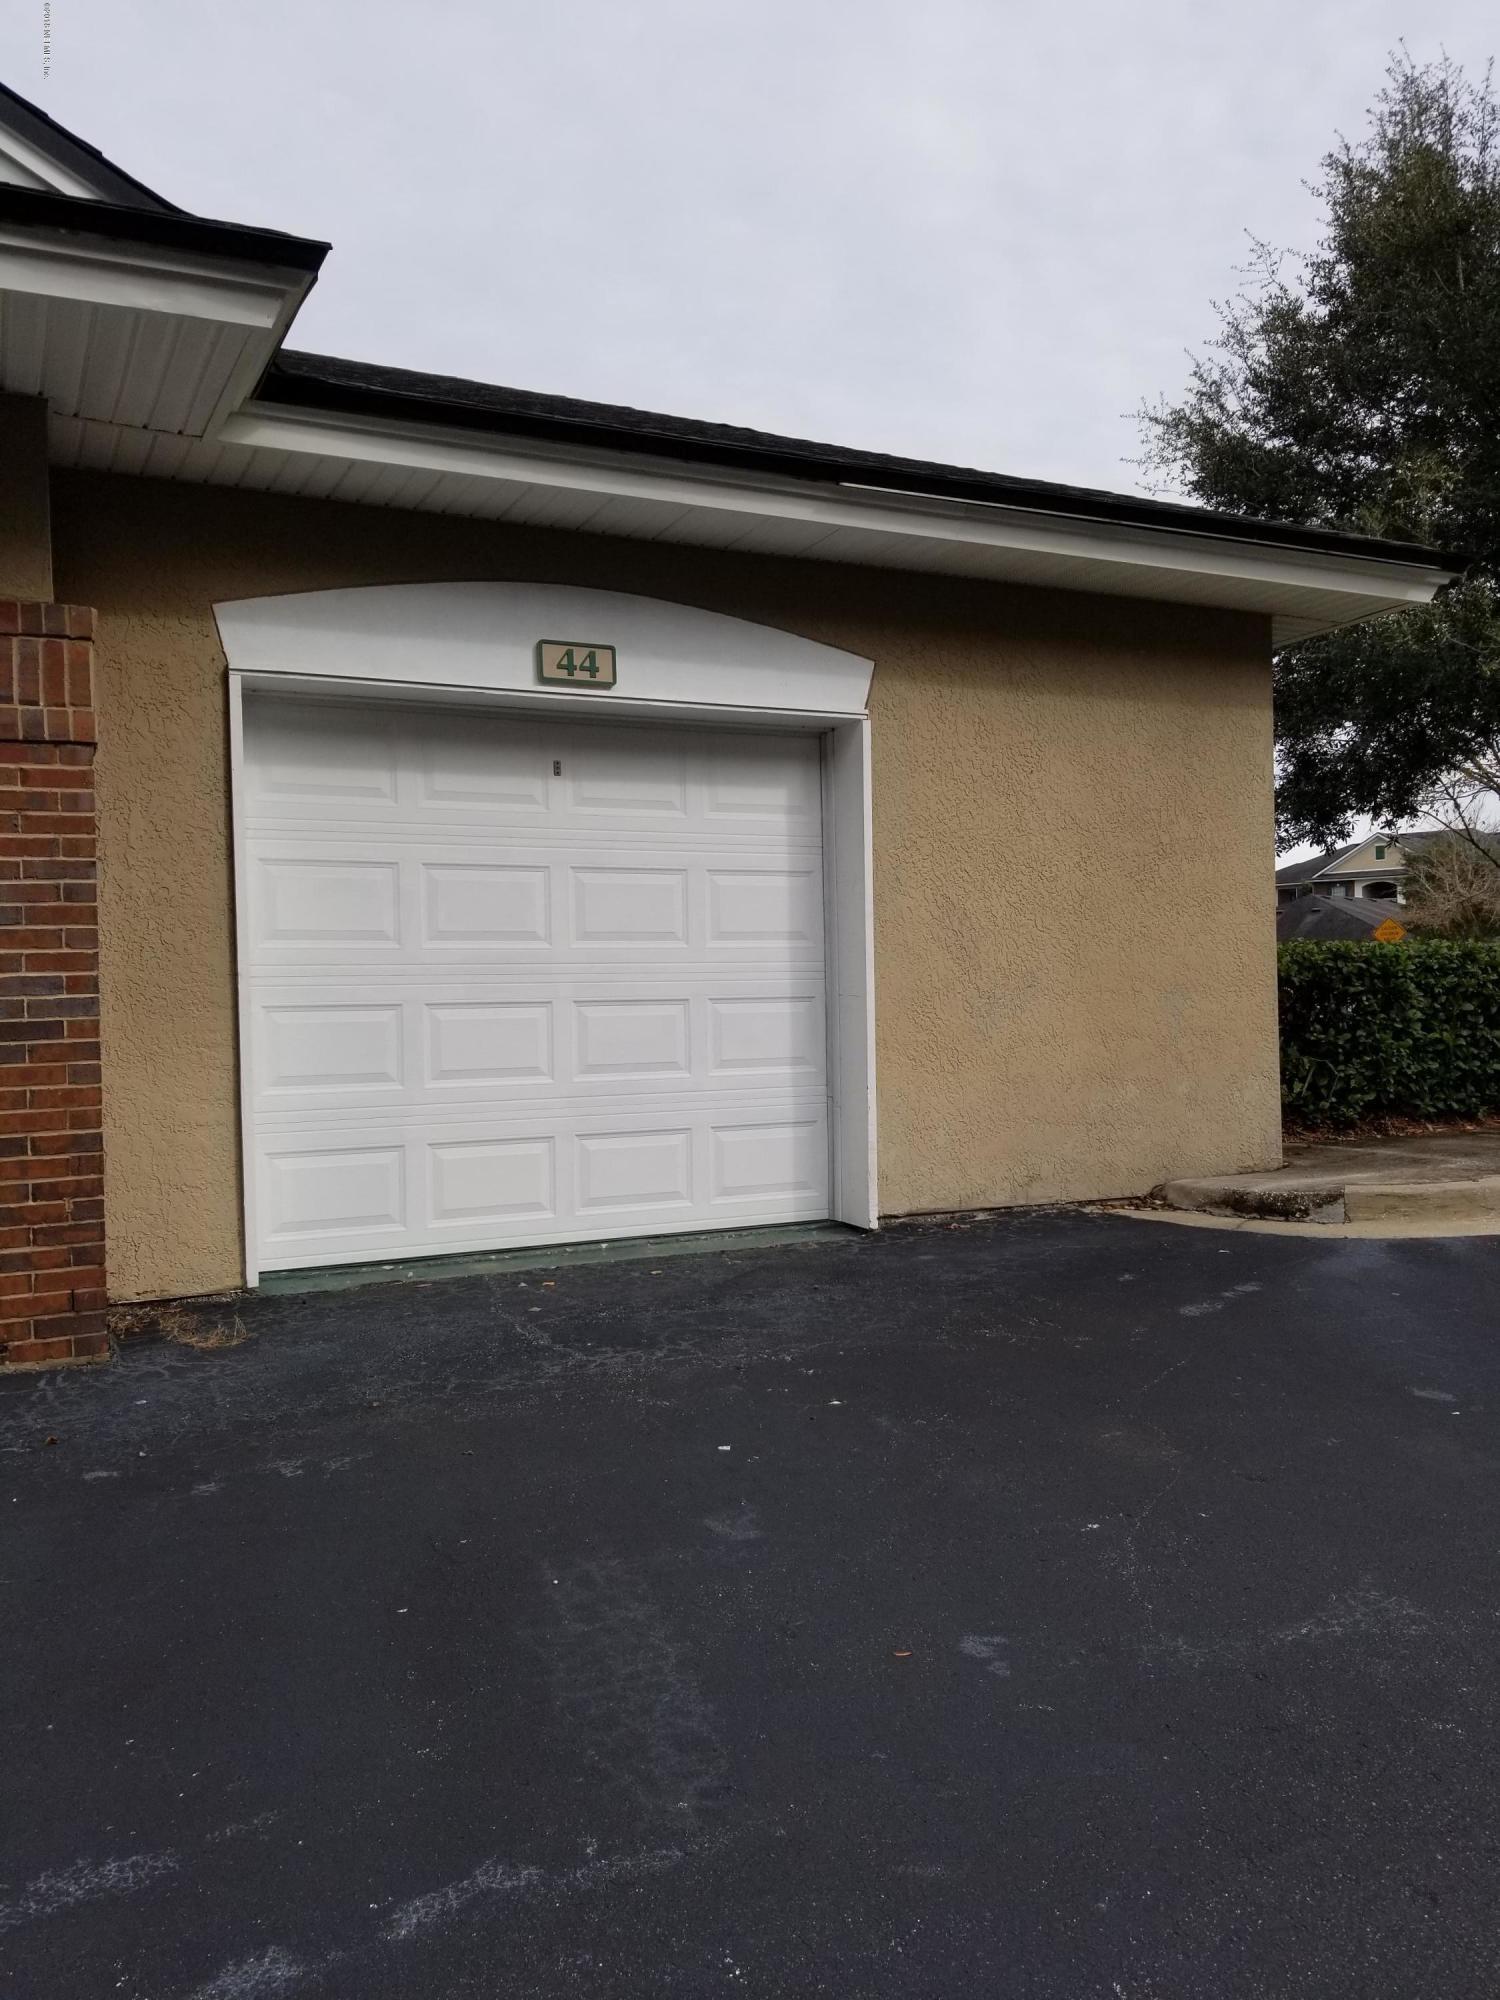 0 OAKLEAF PLANTATION, ORANGE PARK, FLORIDA 32065, ,Residential - condos/townhomes,For sale,OAKLEAF PLANTATION,971047